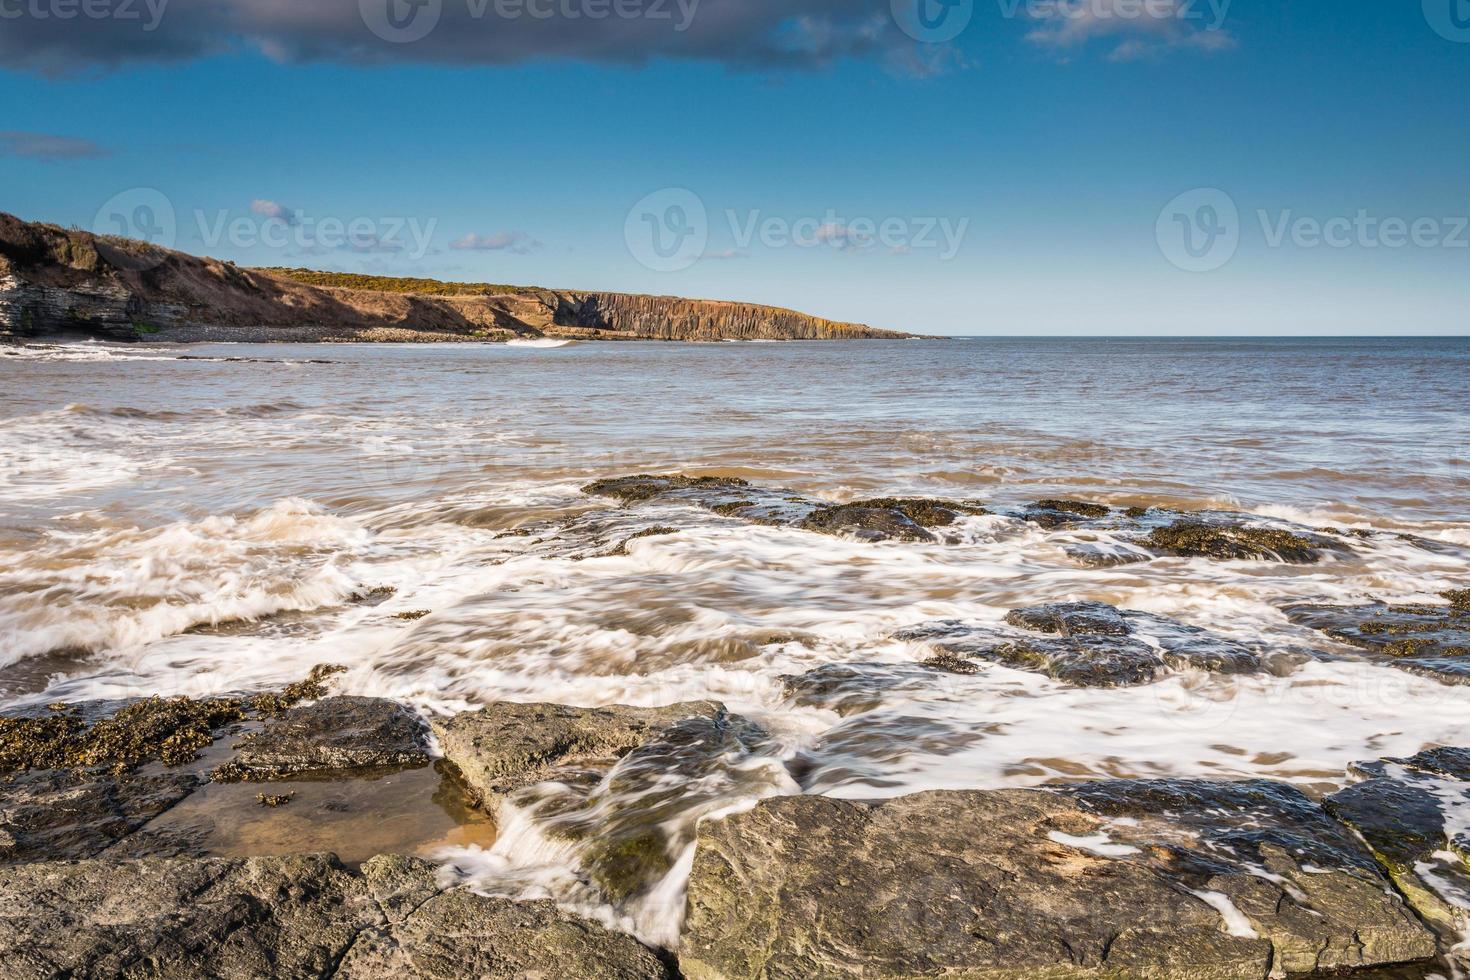 vloed op cullernose punt foto